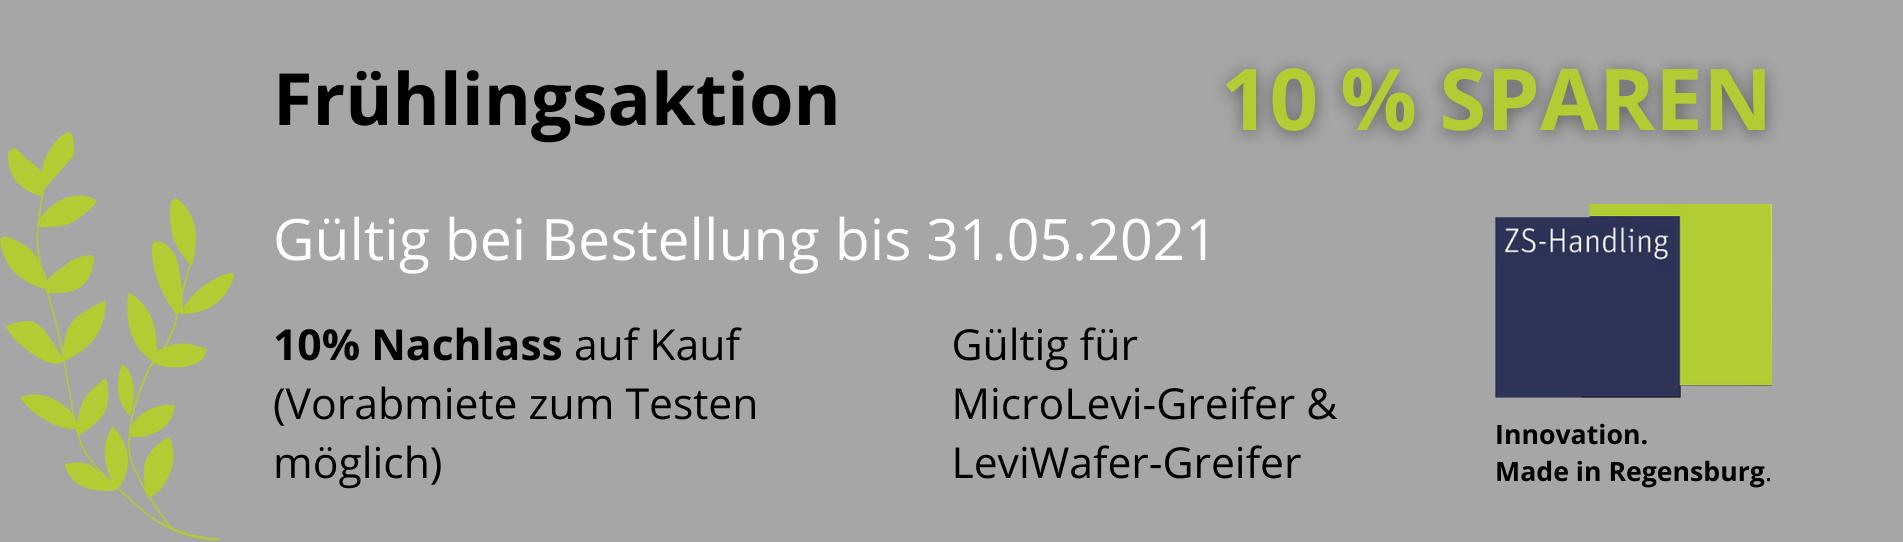 Frhlingsaktion_DE